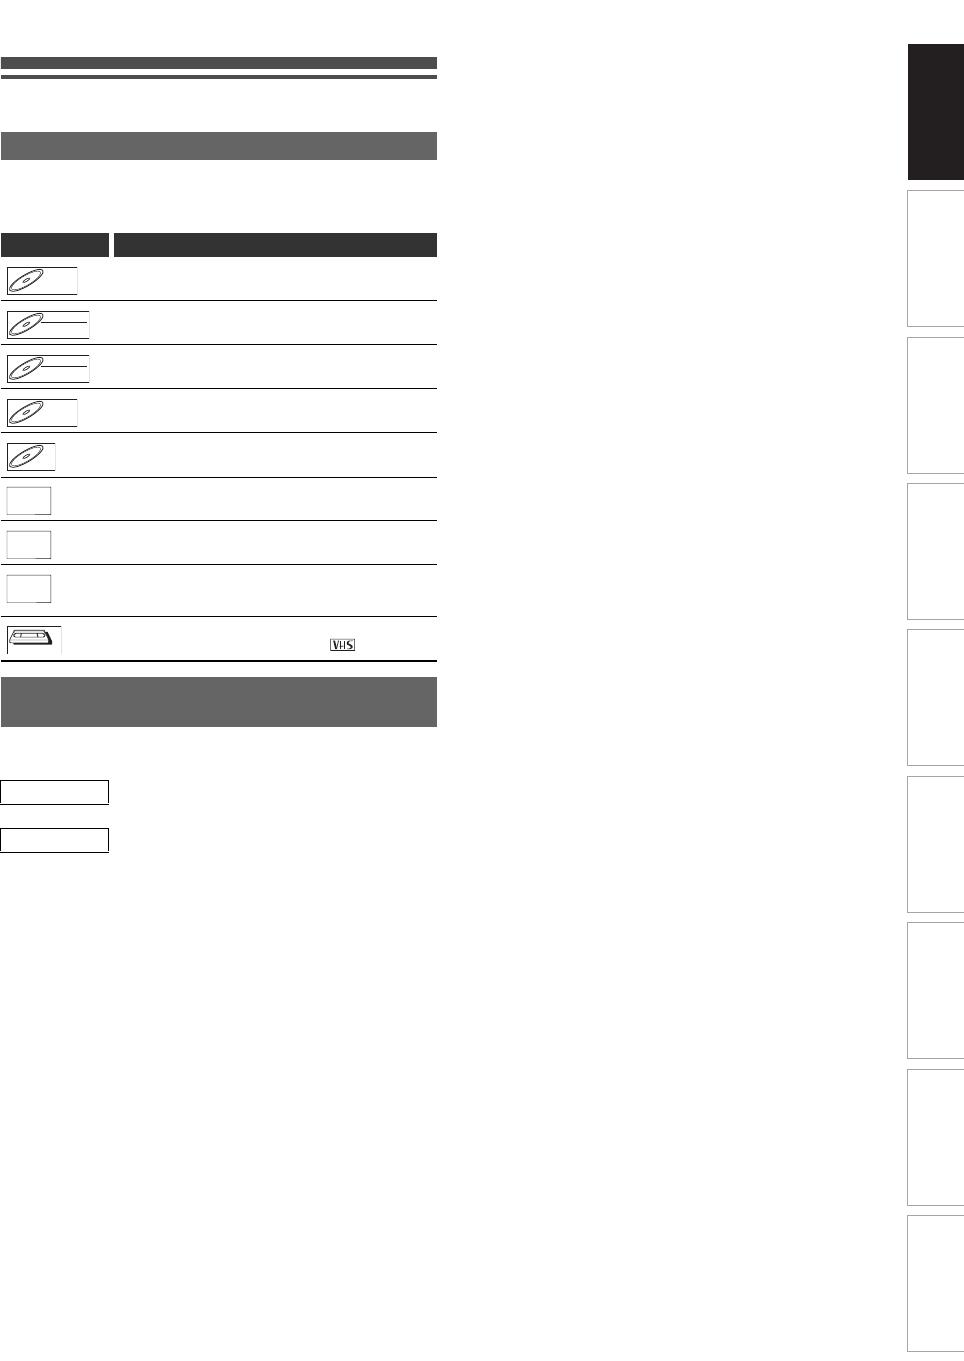 Bedienungsanleitung Funai WD6D-D4413DB (Seite 7 von 80